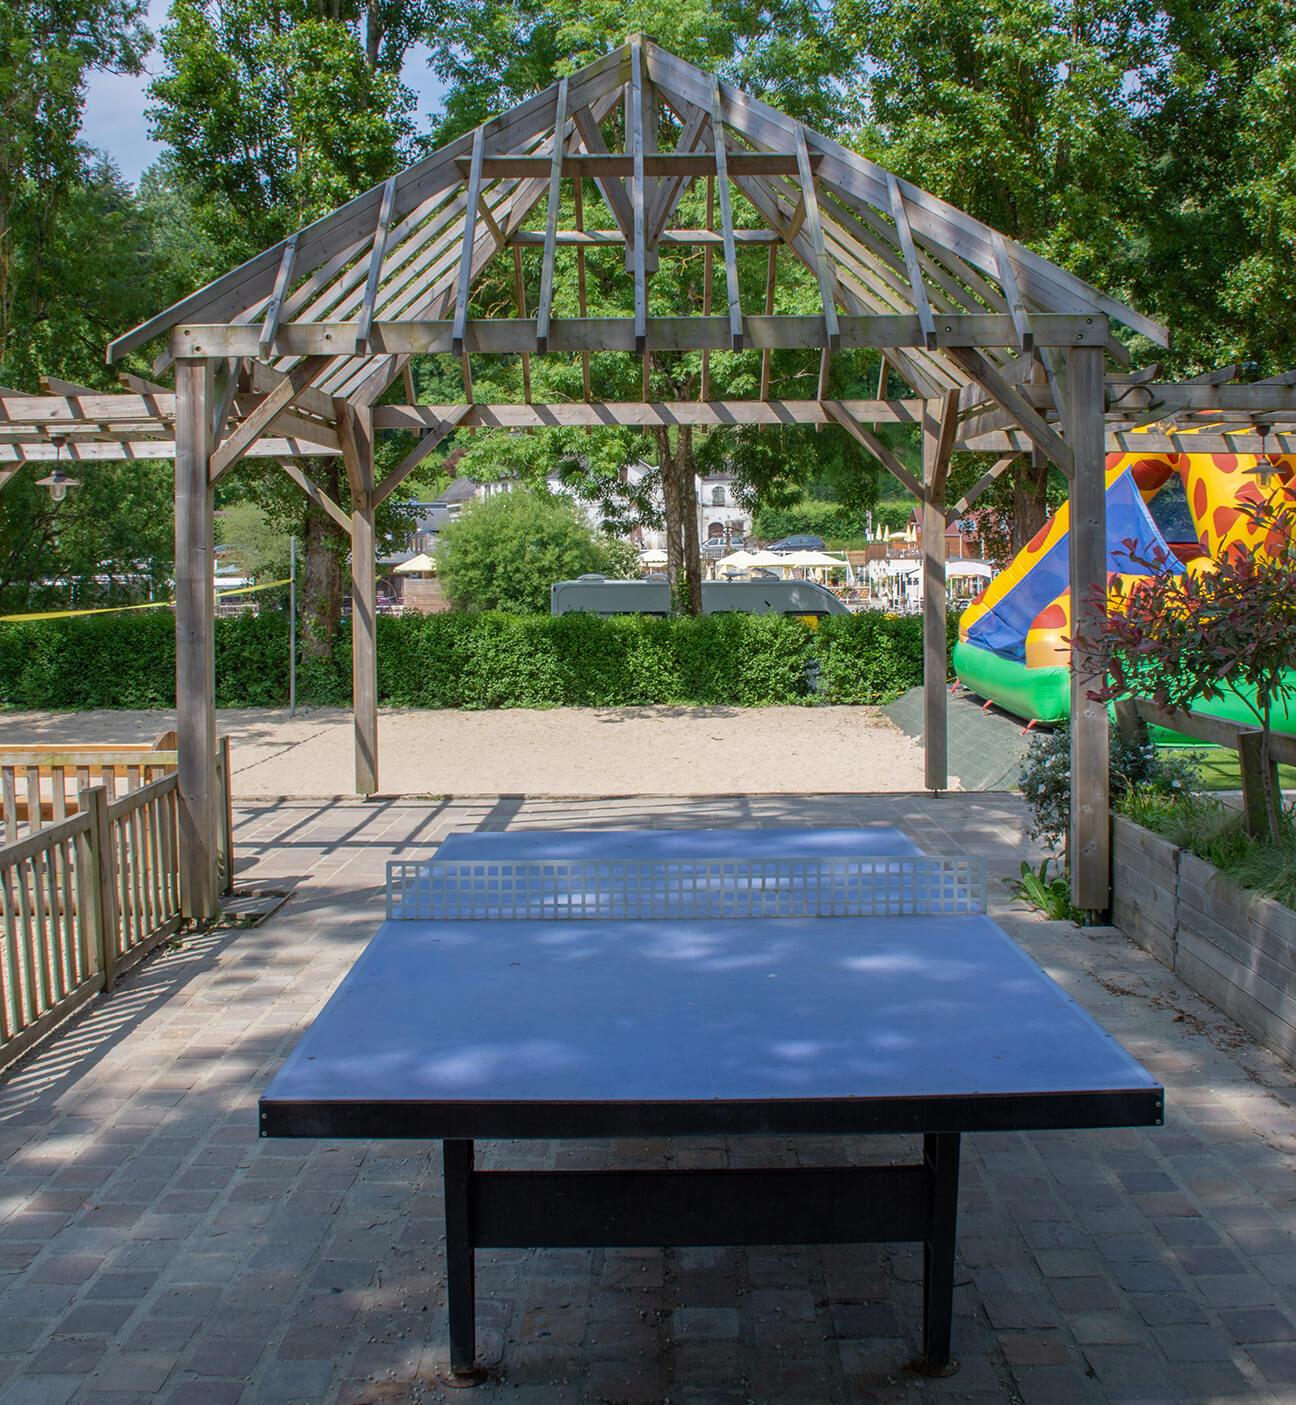 Le Rocher des Parcs 01 - Table de ping pong